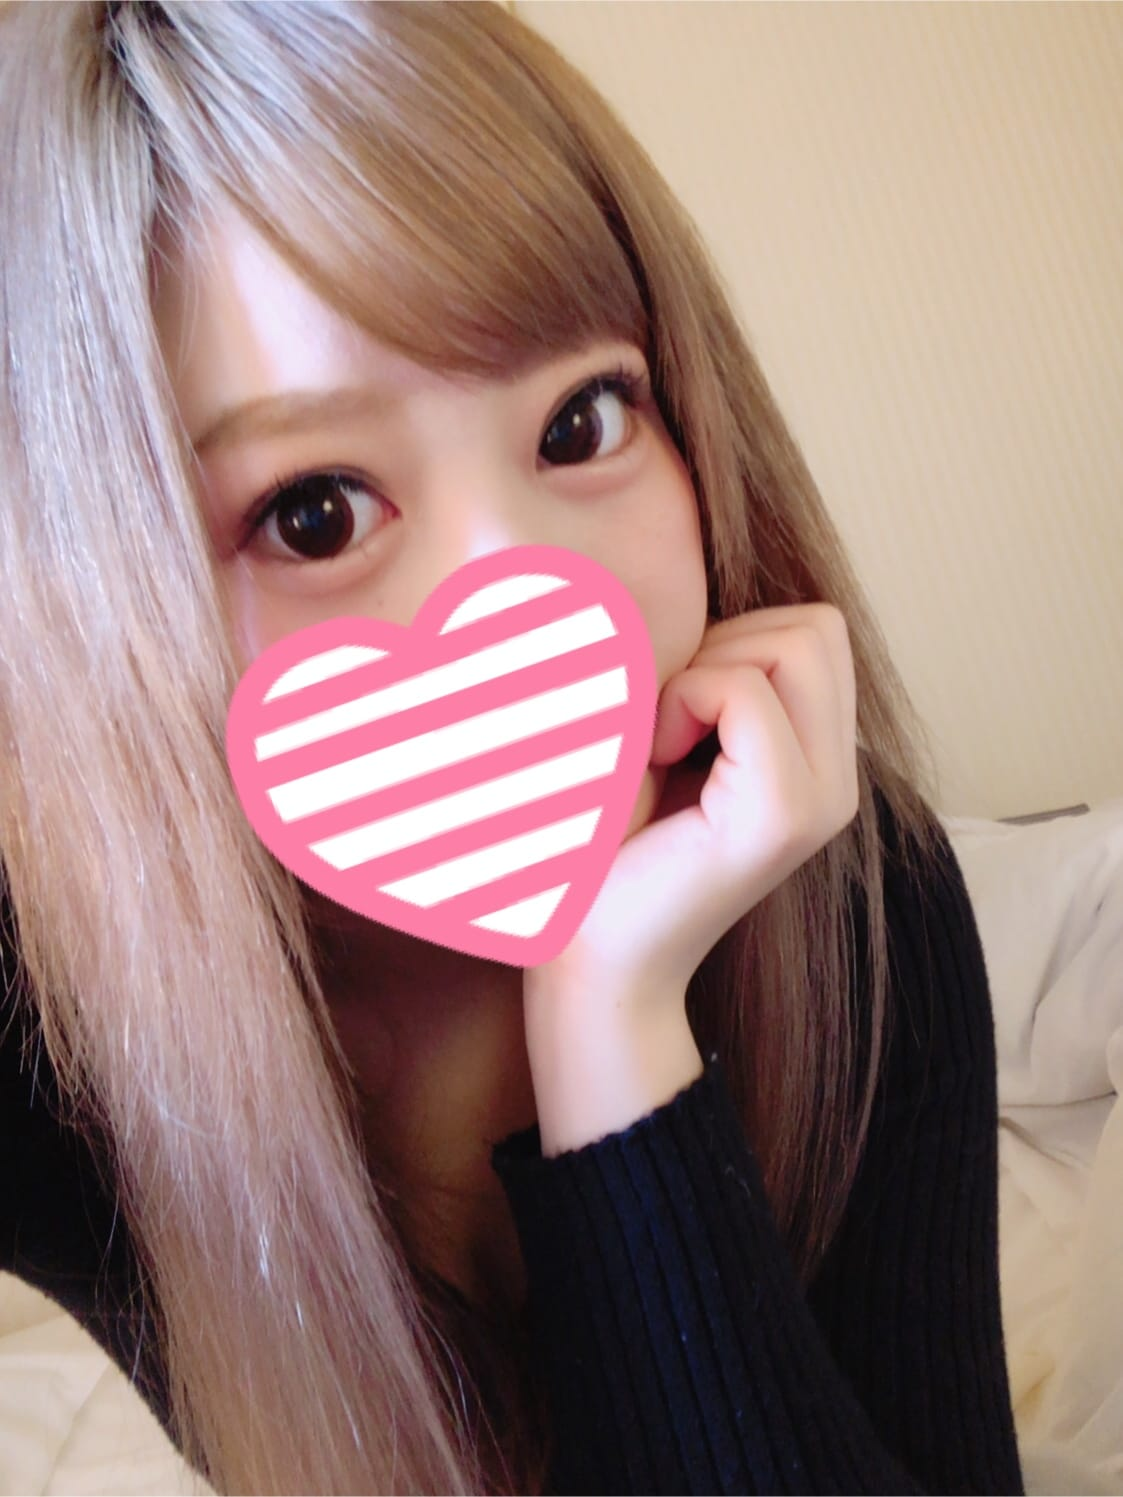 吉高 りえ「✎*。」02/18(日) 19:19 | 吉高 りえの写メ・風俗動画